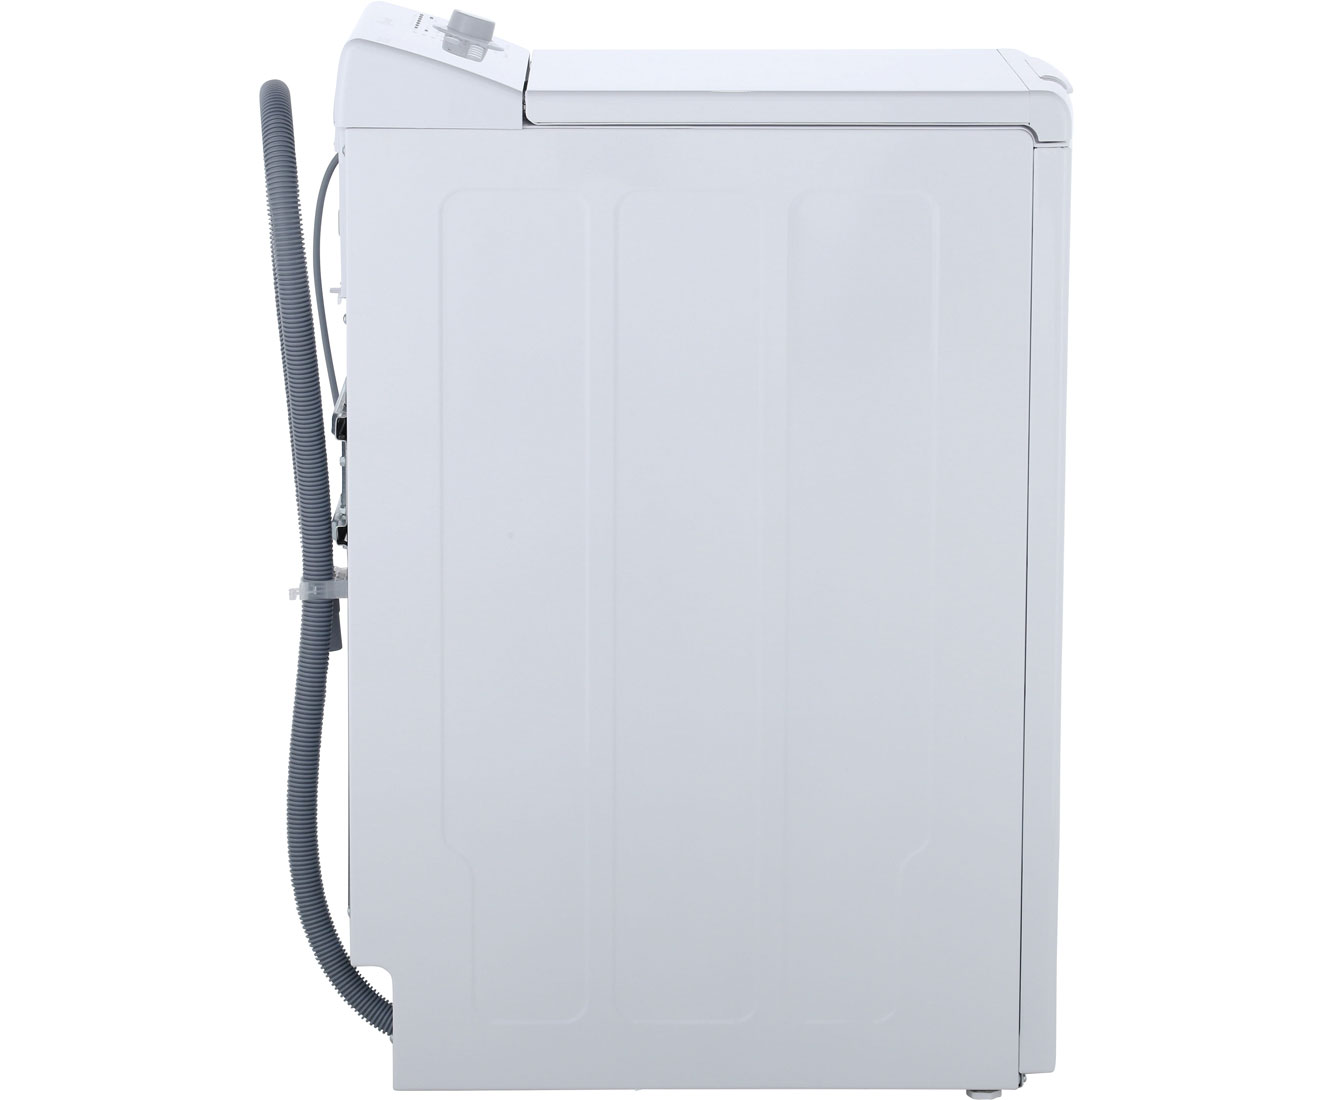 Bauknecht wat prime sd waschmaschine toplader kg u